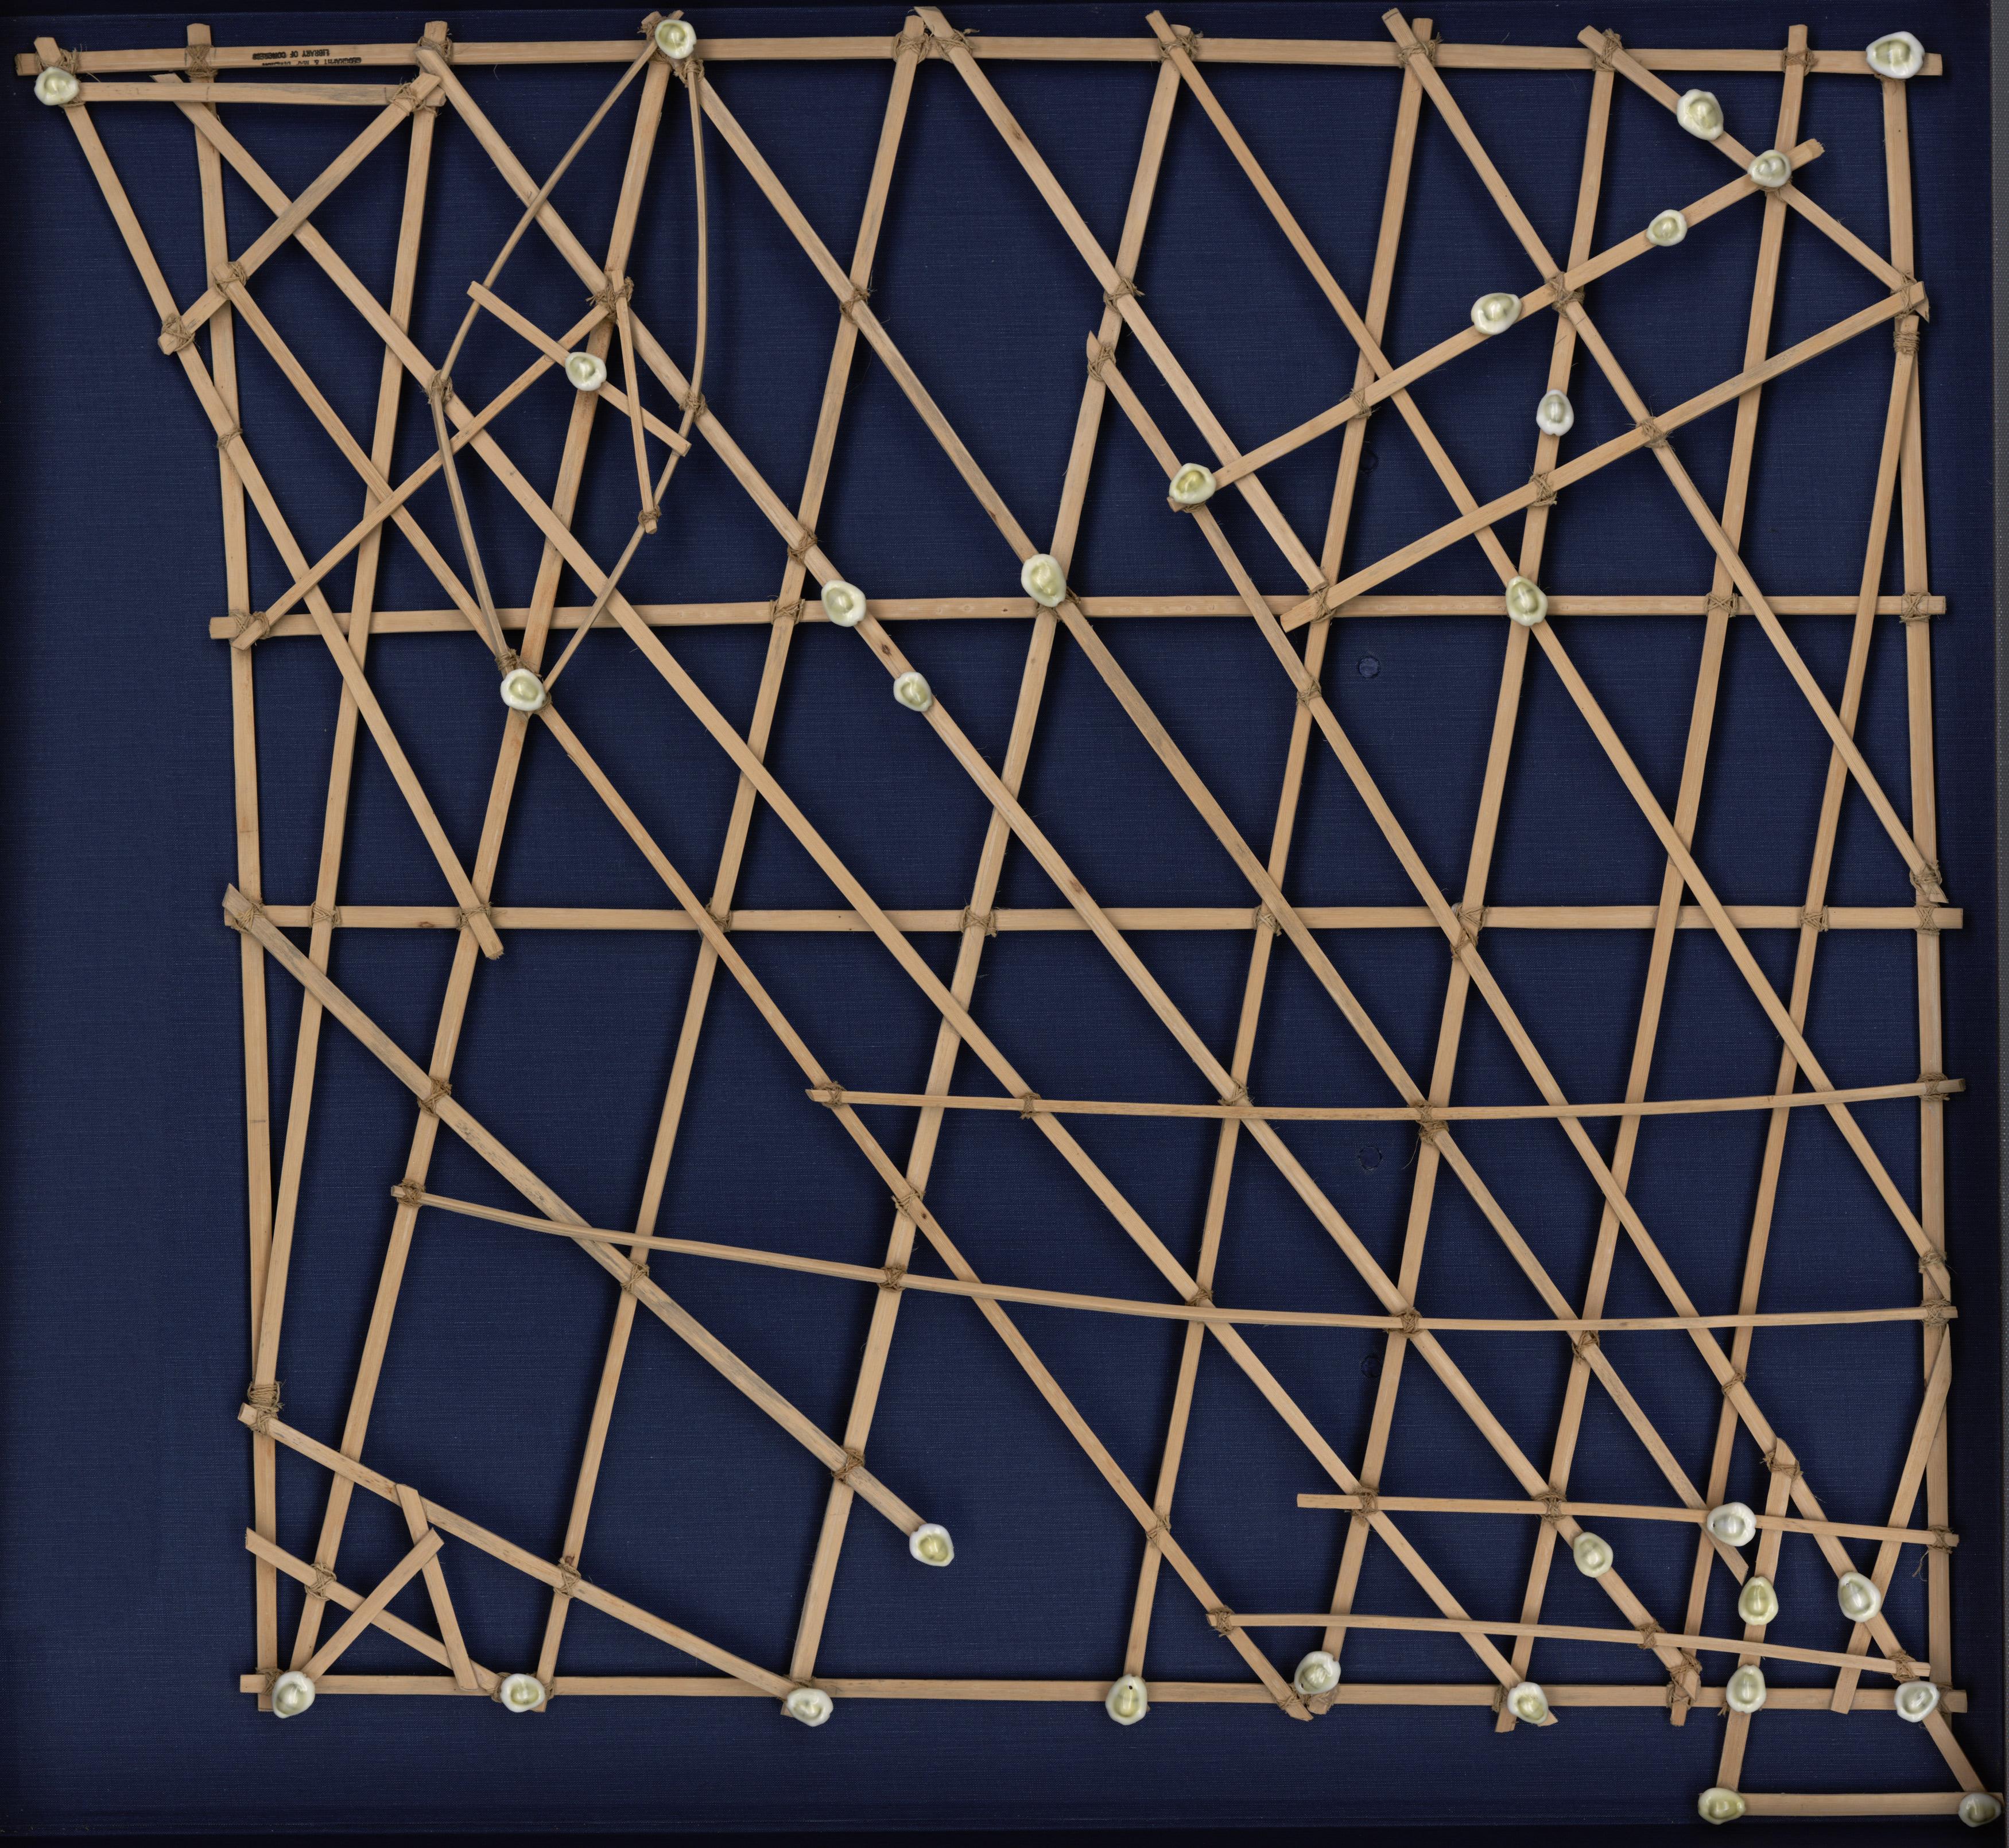 polynesie carte bois baton mer vague 02 Cartes polynésiennes de la houle en bouts de bois